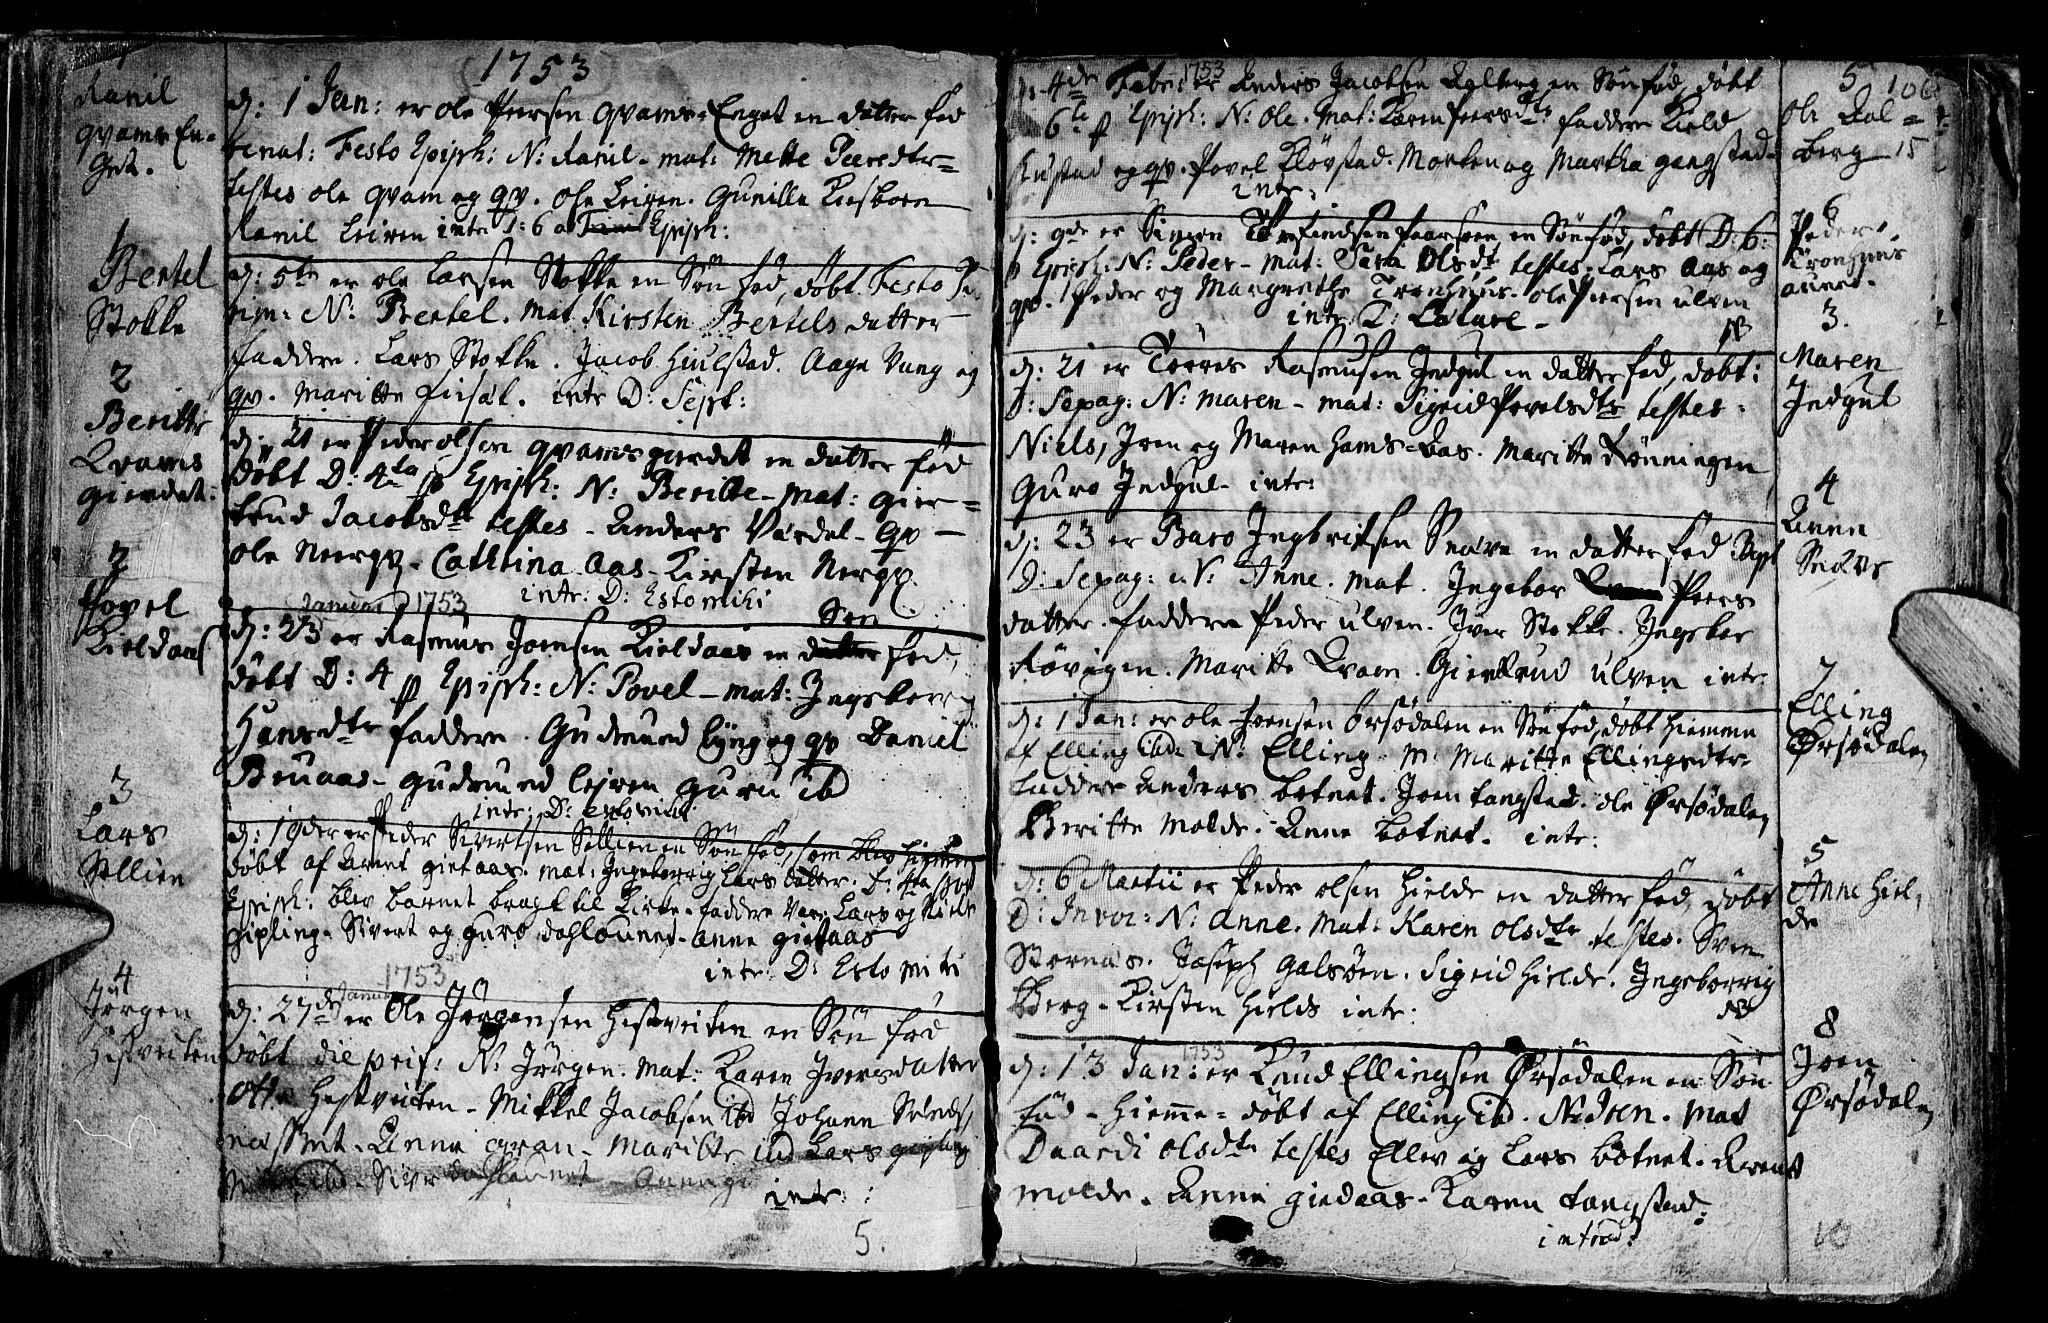 SAT, Ministerialprotokoller, klokkerbøker og fødselsregistre - Nord-Trøndelag, 730/L0272: Ministerialbok nr. 730A01, 1733-1764, s. 106